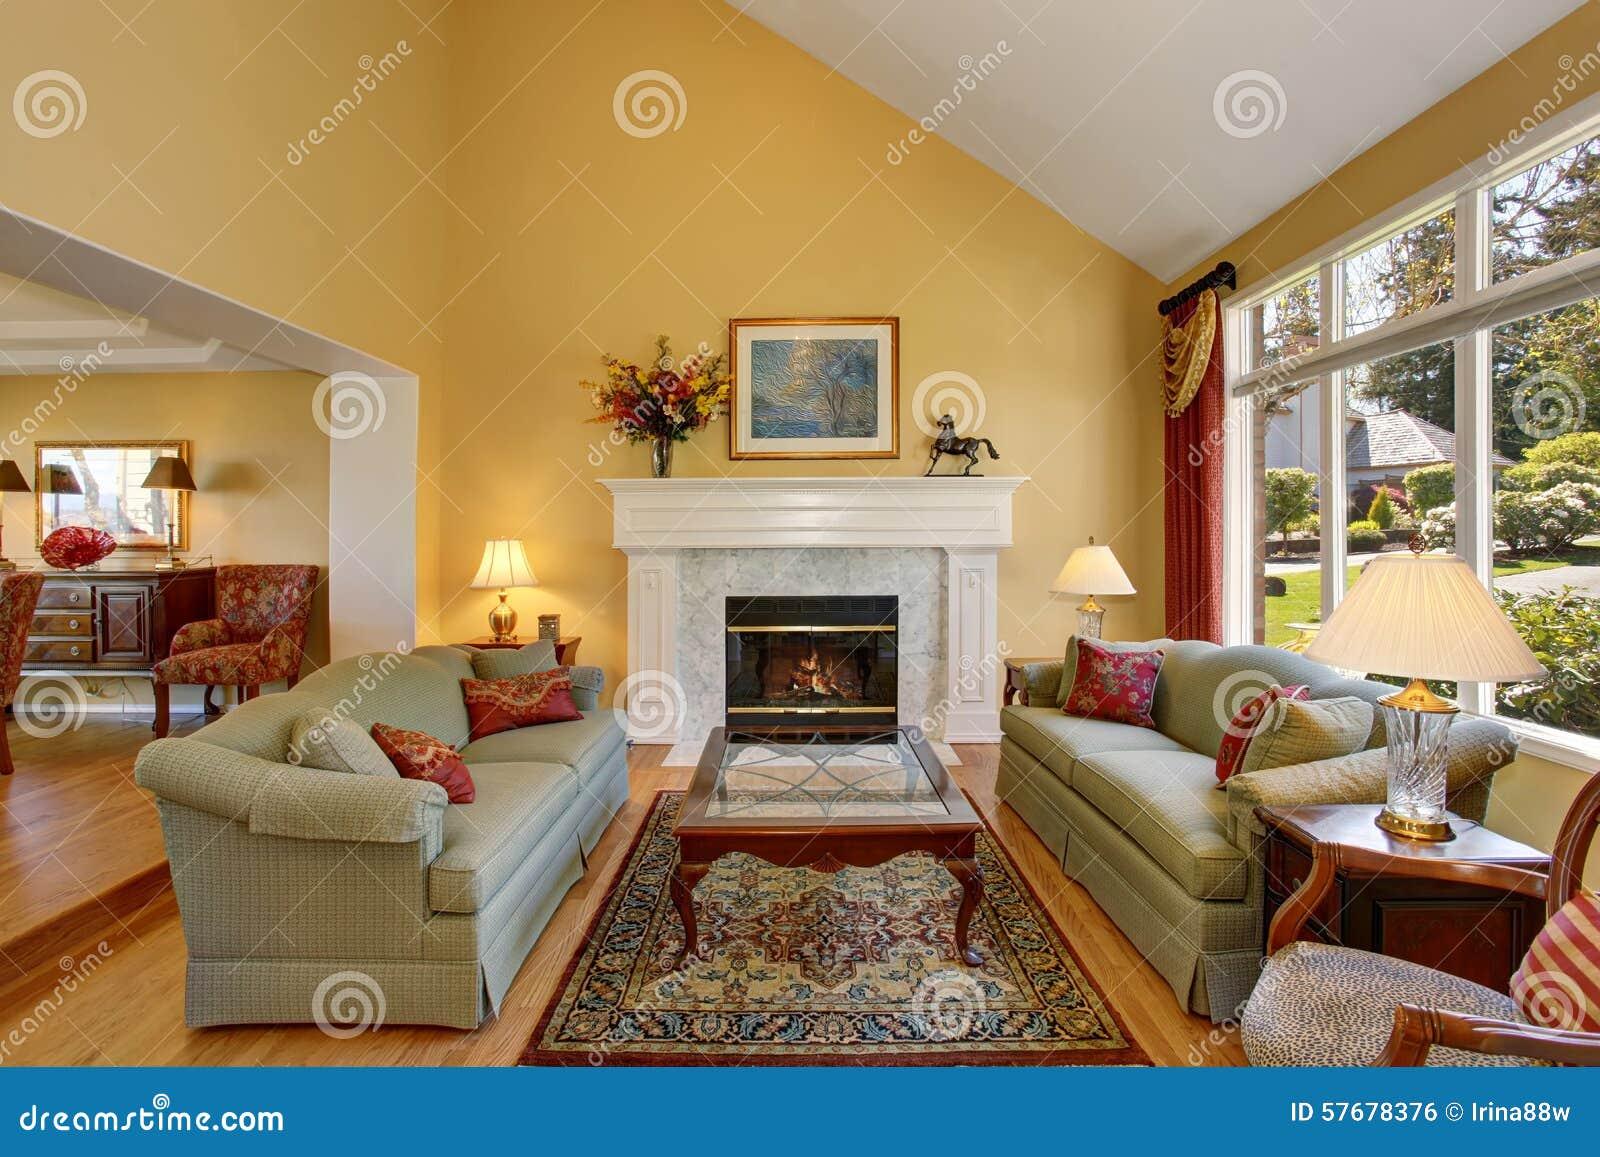 glänzendes wohnzimmer mit grünen sofas und gelbe wände stockfoto, Wohnzimmer